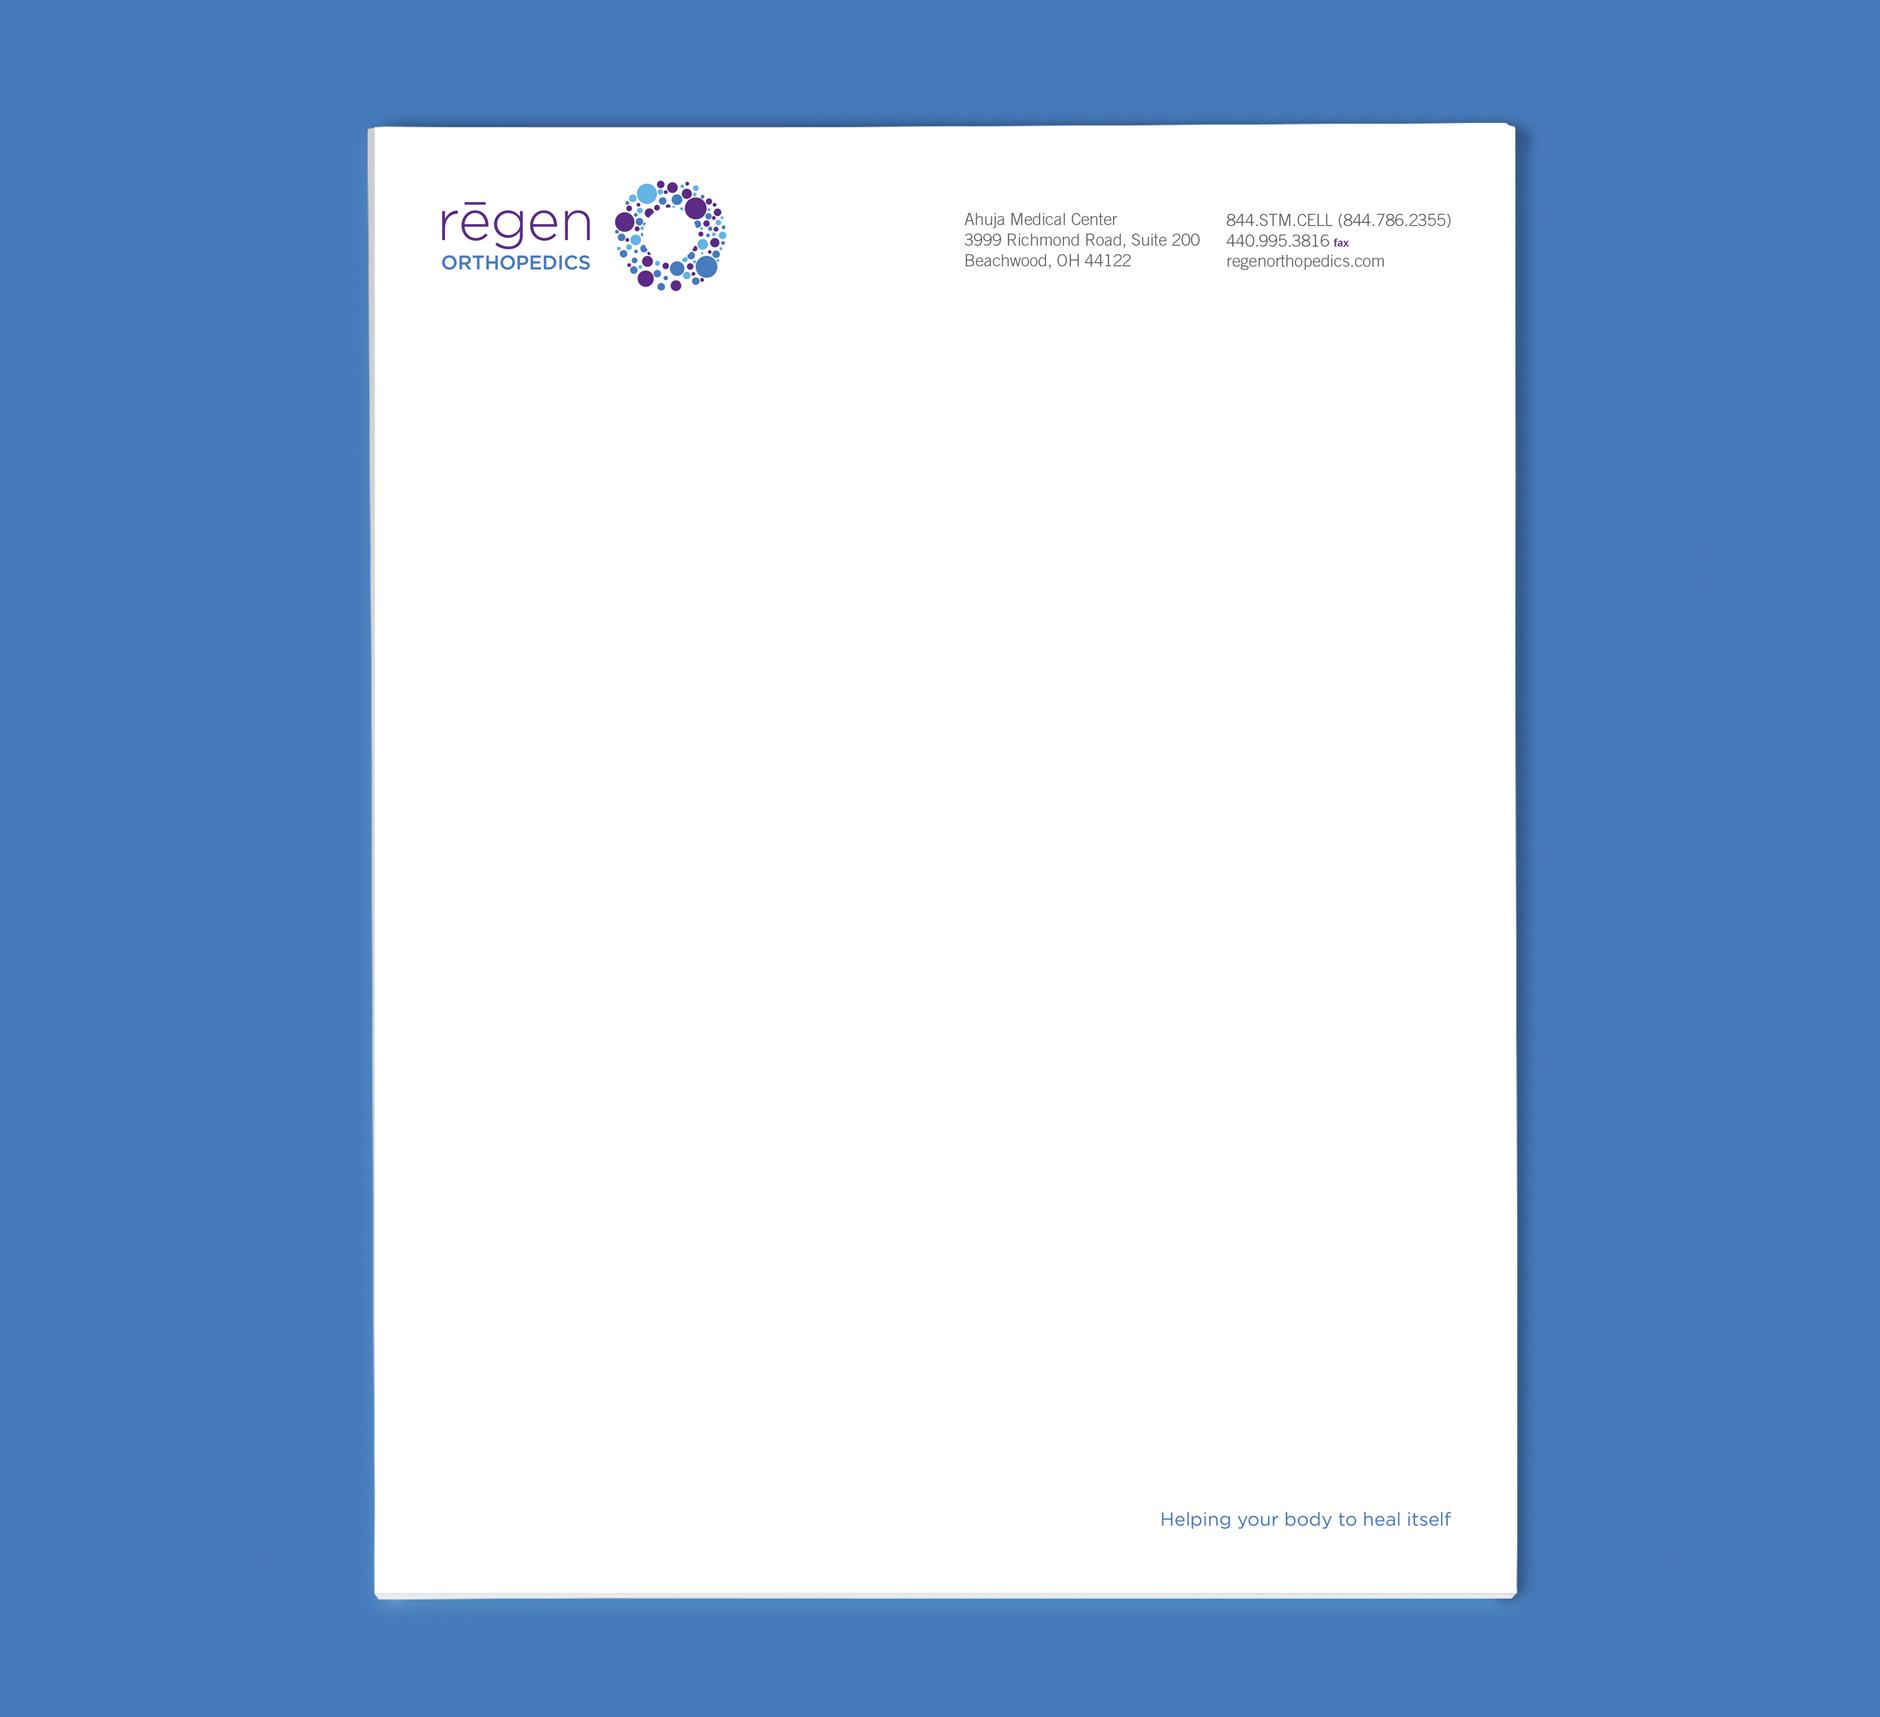 Regen Orthopedics Letterhead | branding and healthcare